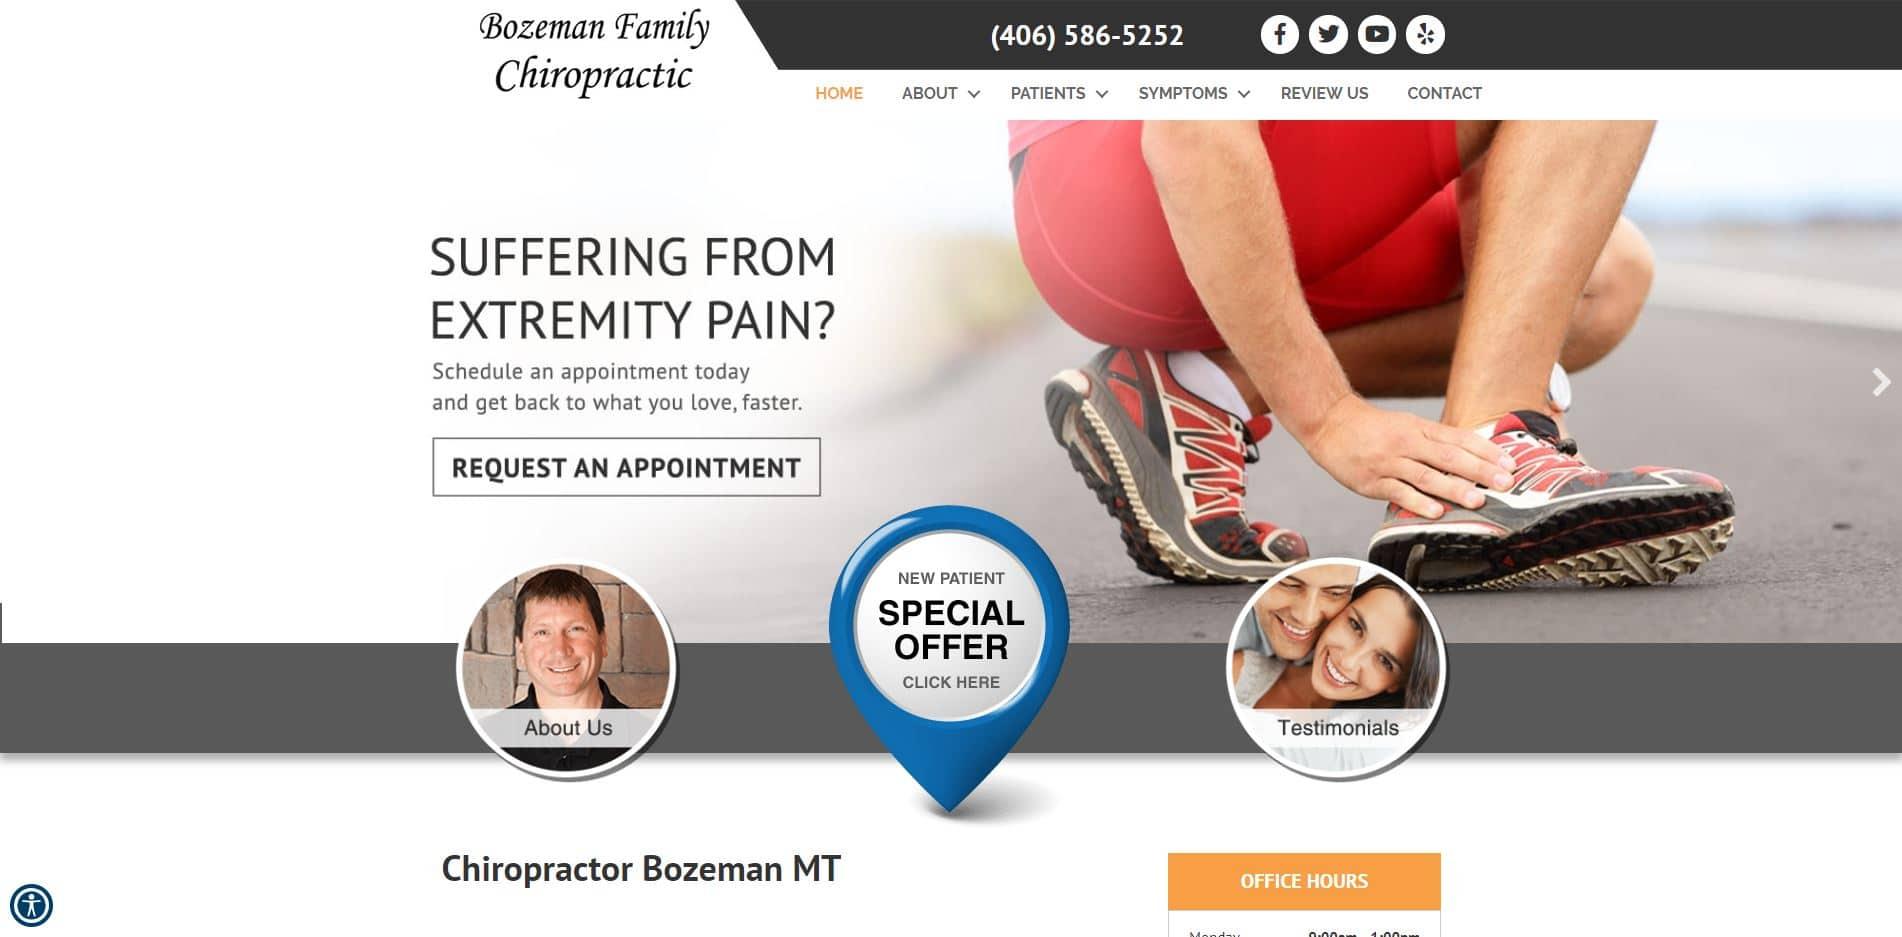 Chiropractor in Bozeman